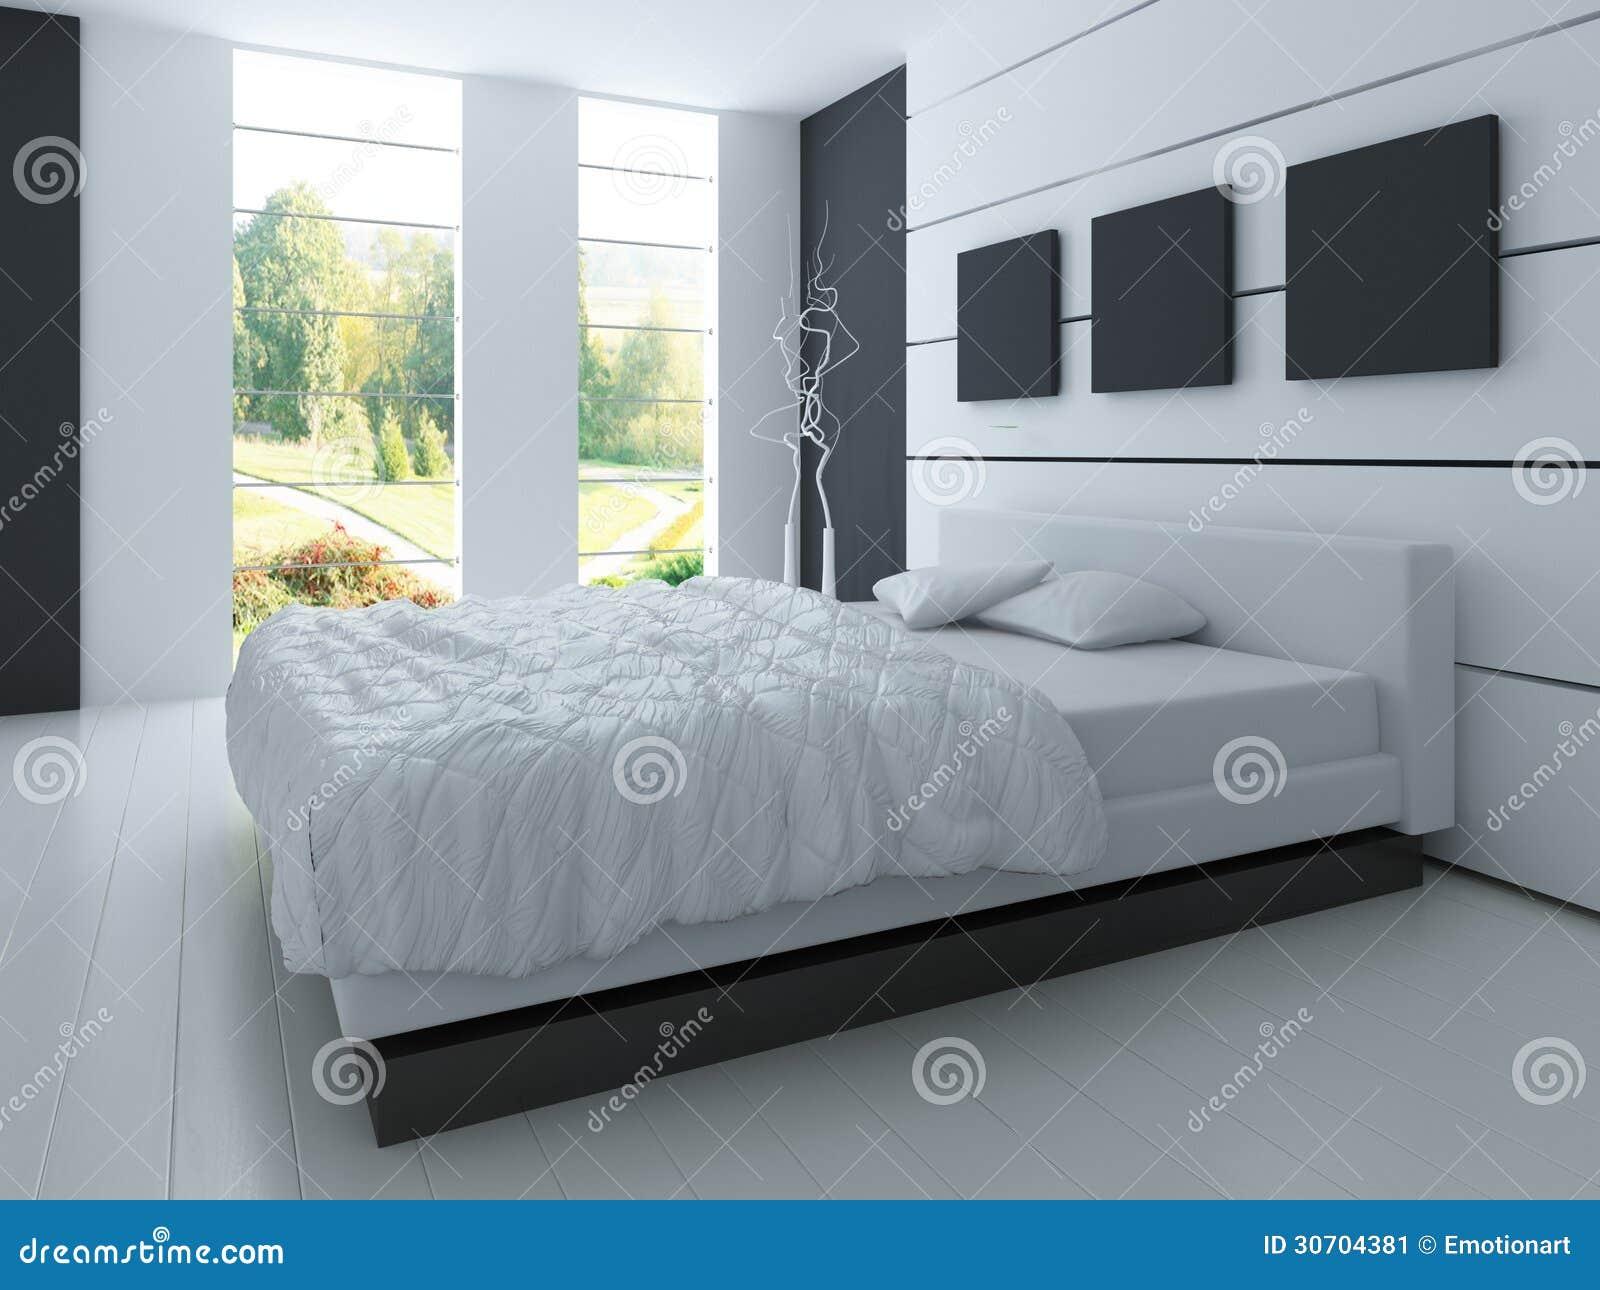 Chambre coucher exclusive de conception architecture for Conceptions exclusives de maison